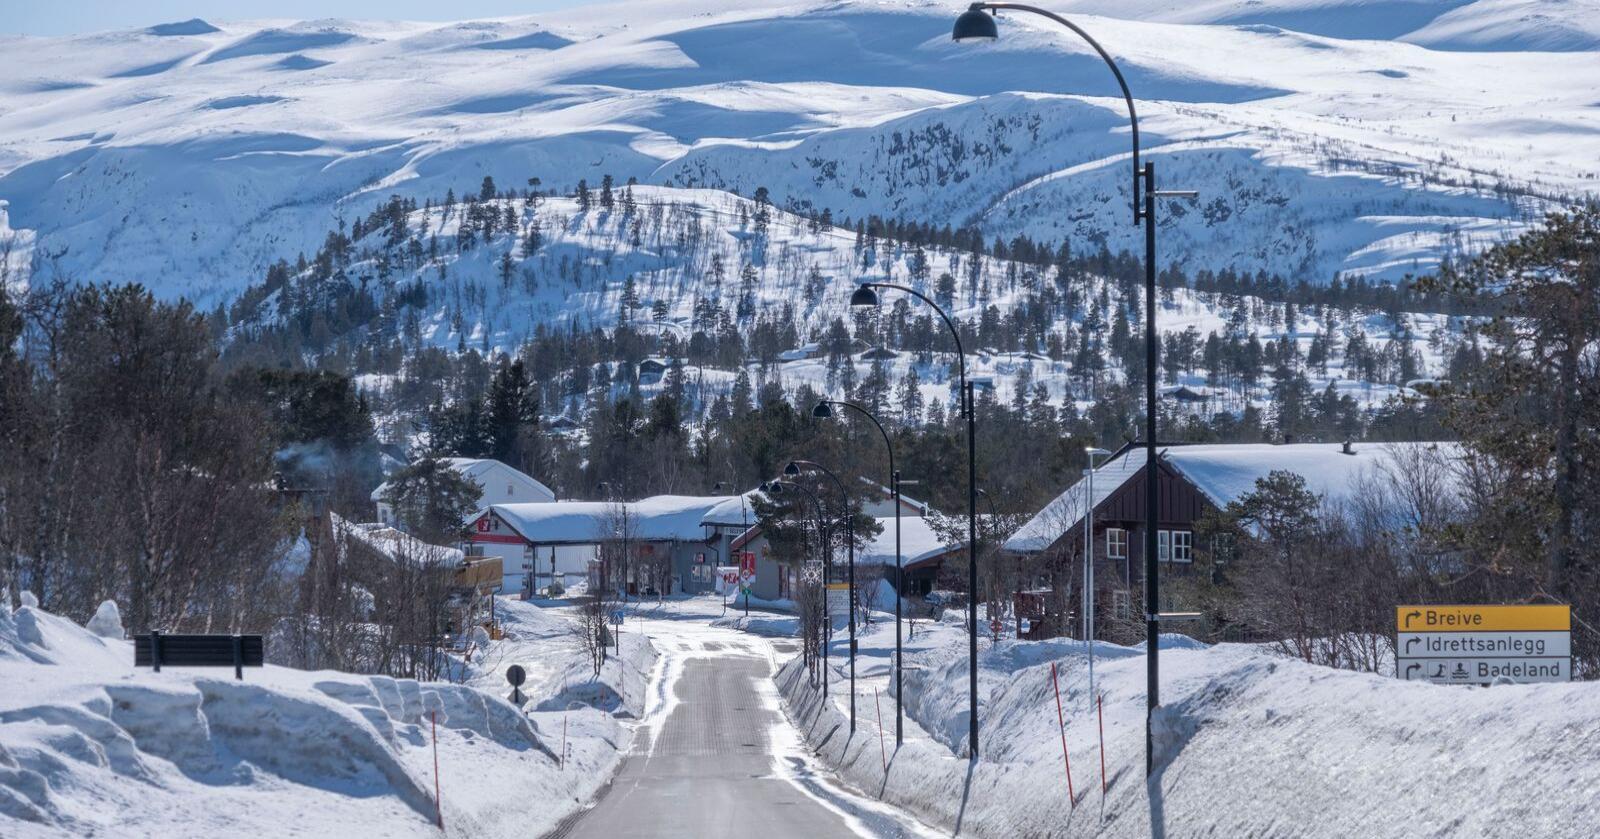 Forbudet mot å dra på hytta har ført til lite trafikk i de populære hytteområdene i landet, som her på Hovden i Setesdal. Foto: Tor Erik Schrøder / NTB scanpix